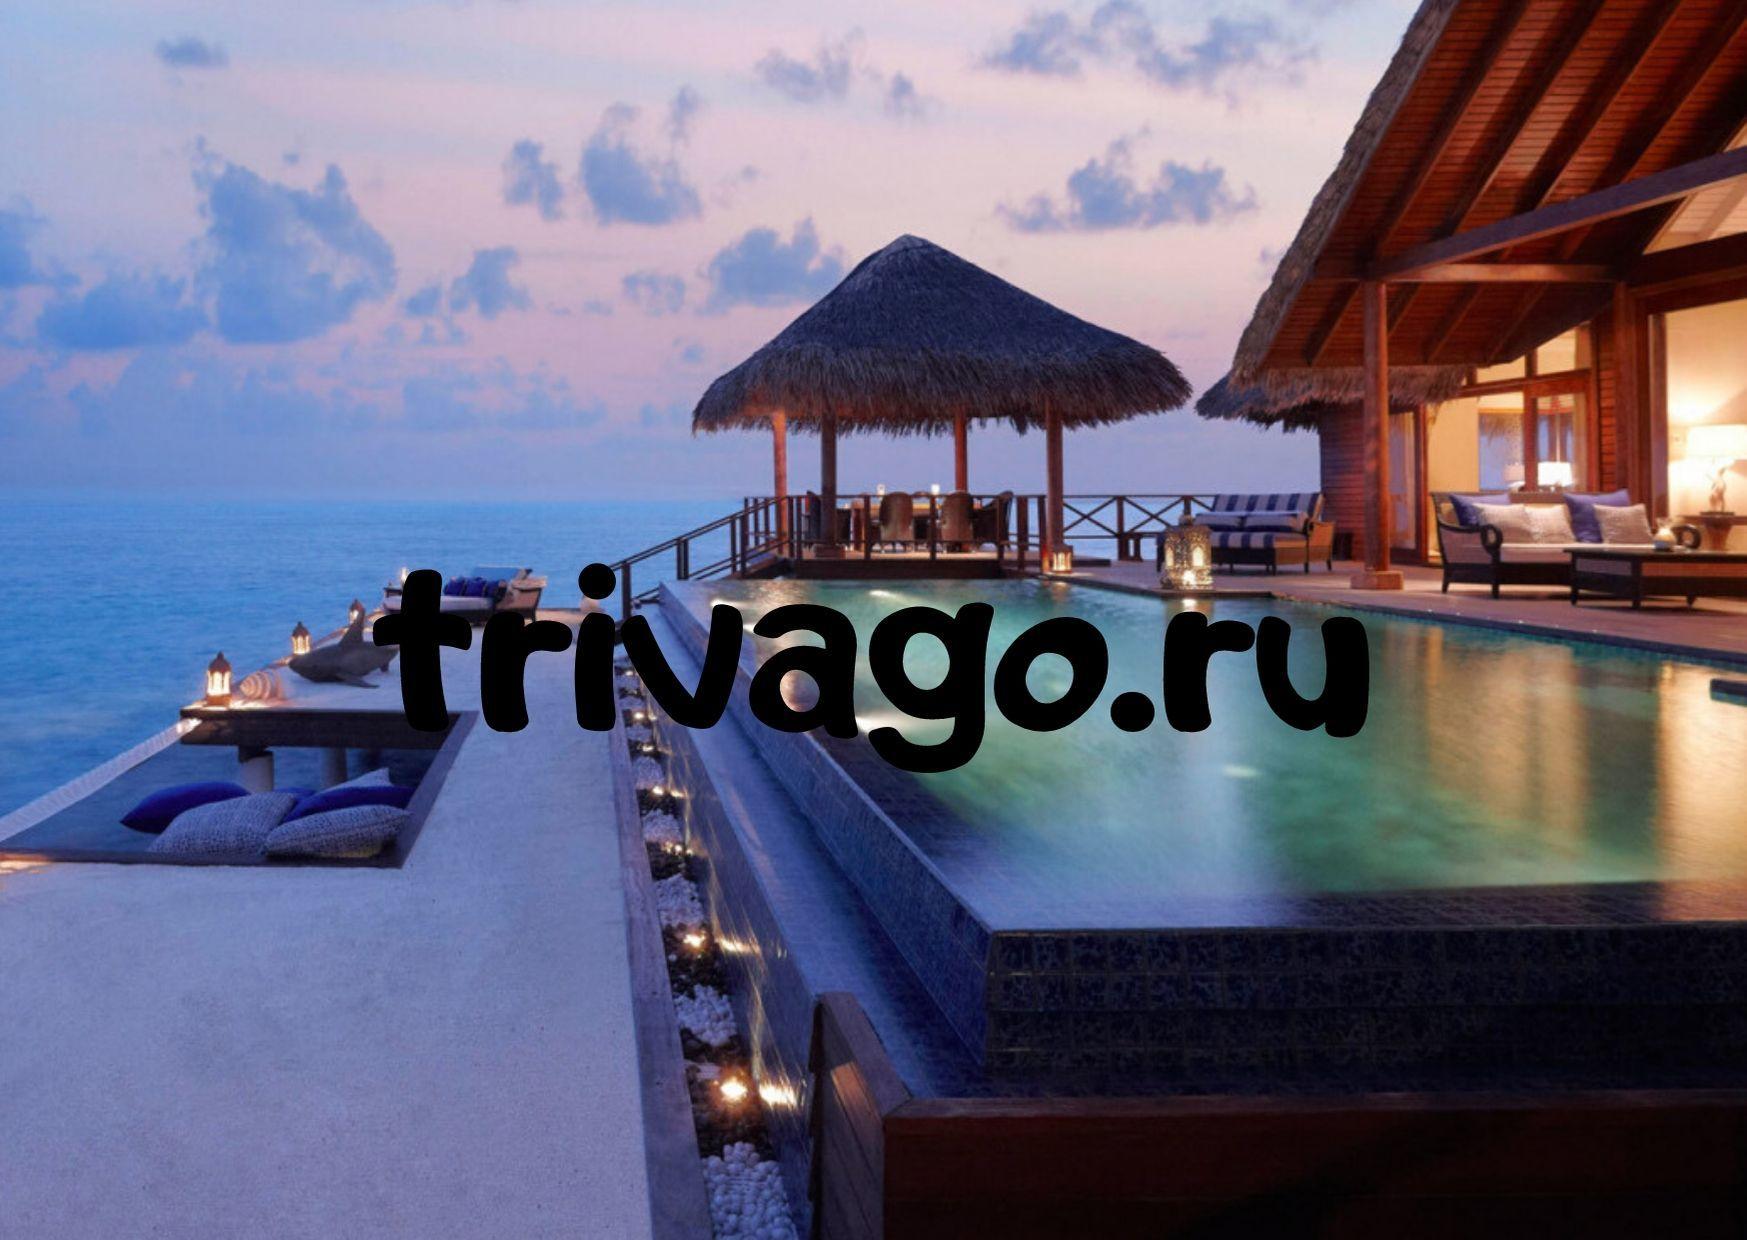 trivago.ru идеальный отель по оптимальной цене